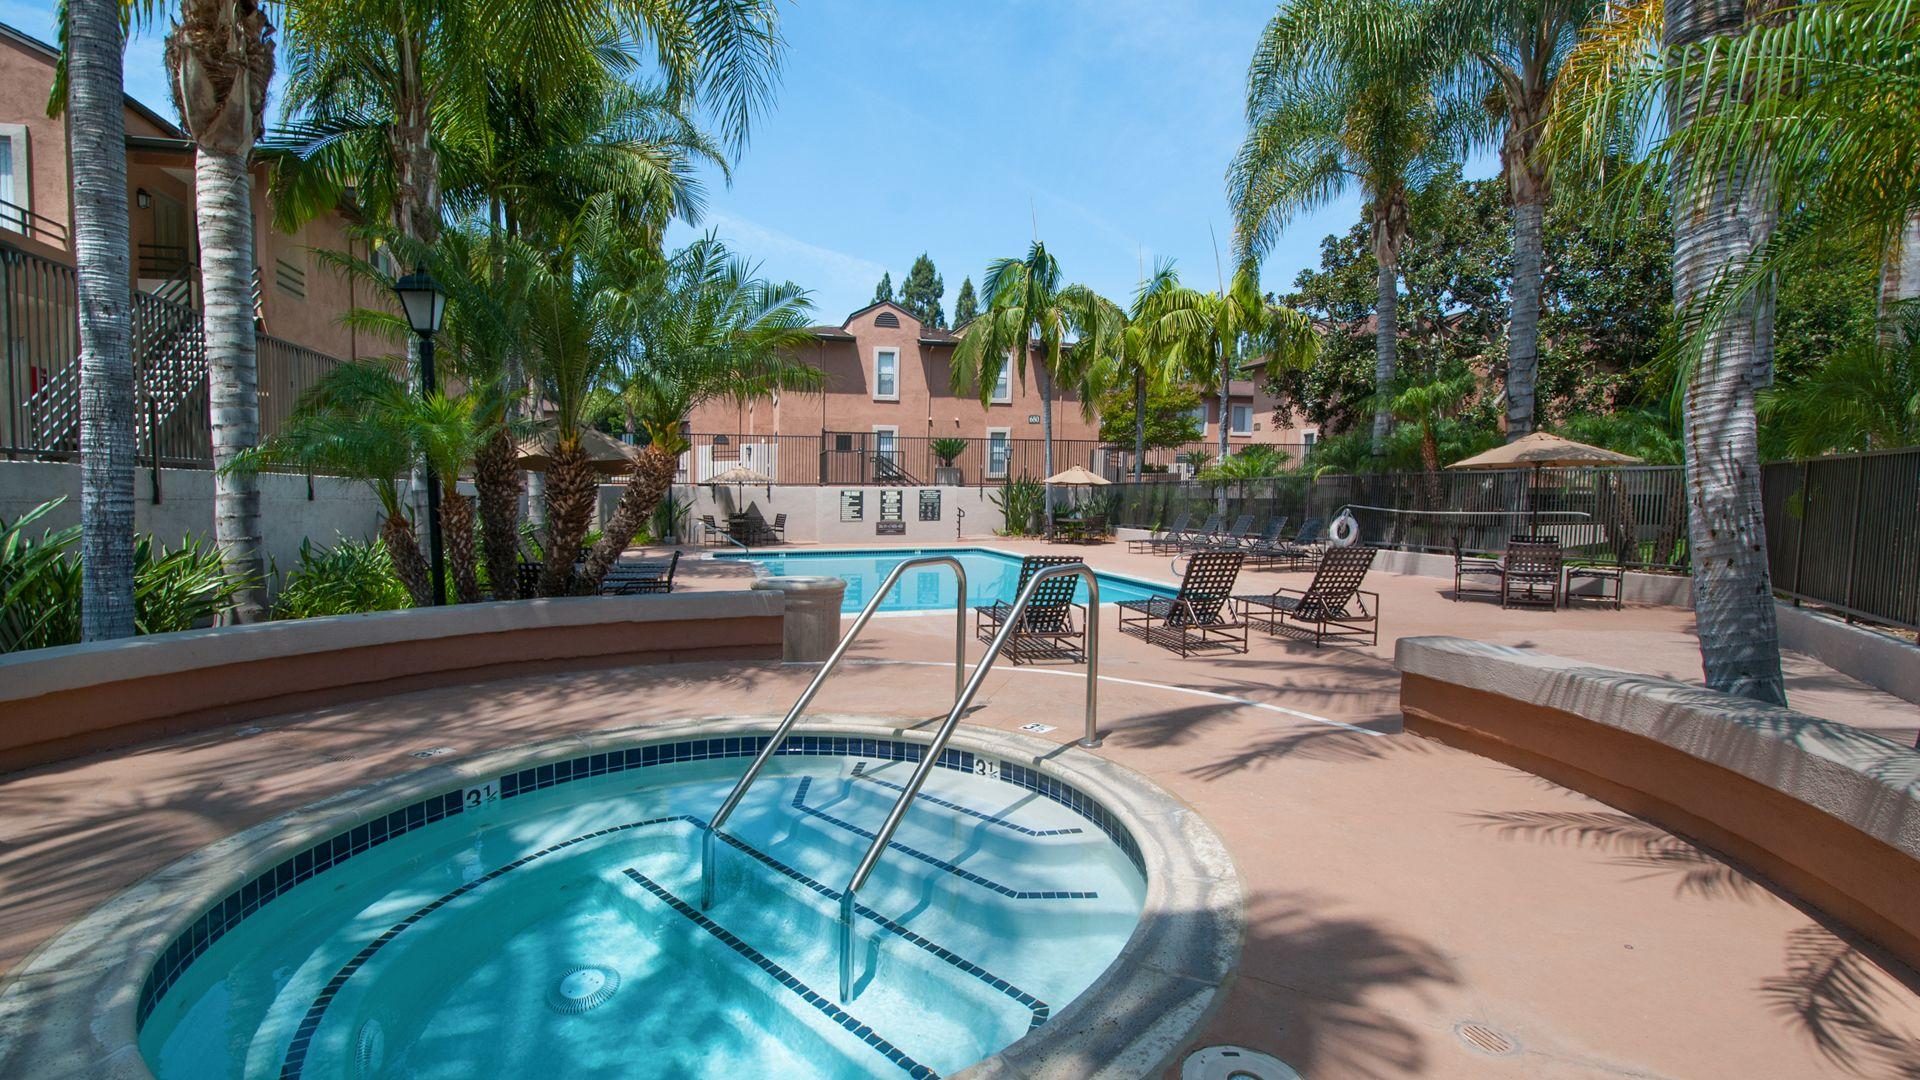 Avanti Apartments Anaheim 650 W Broadway